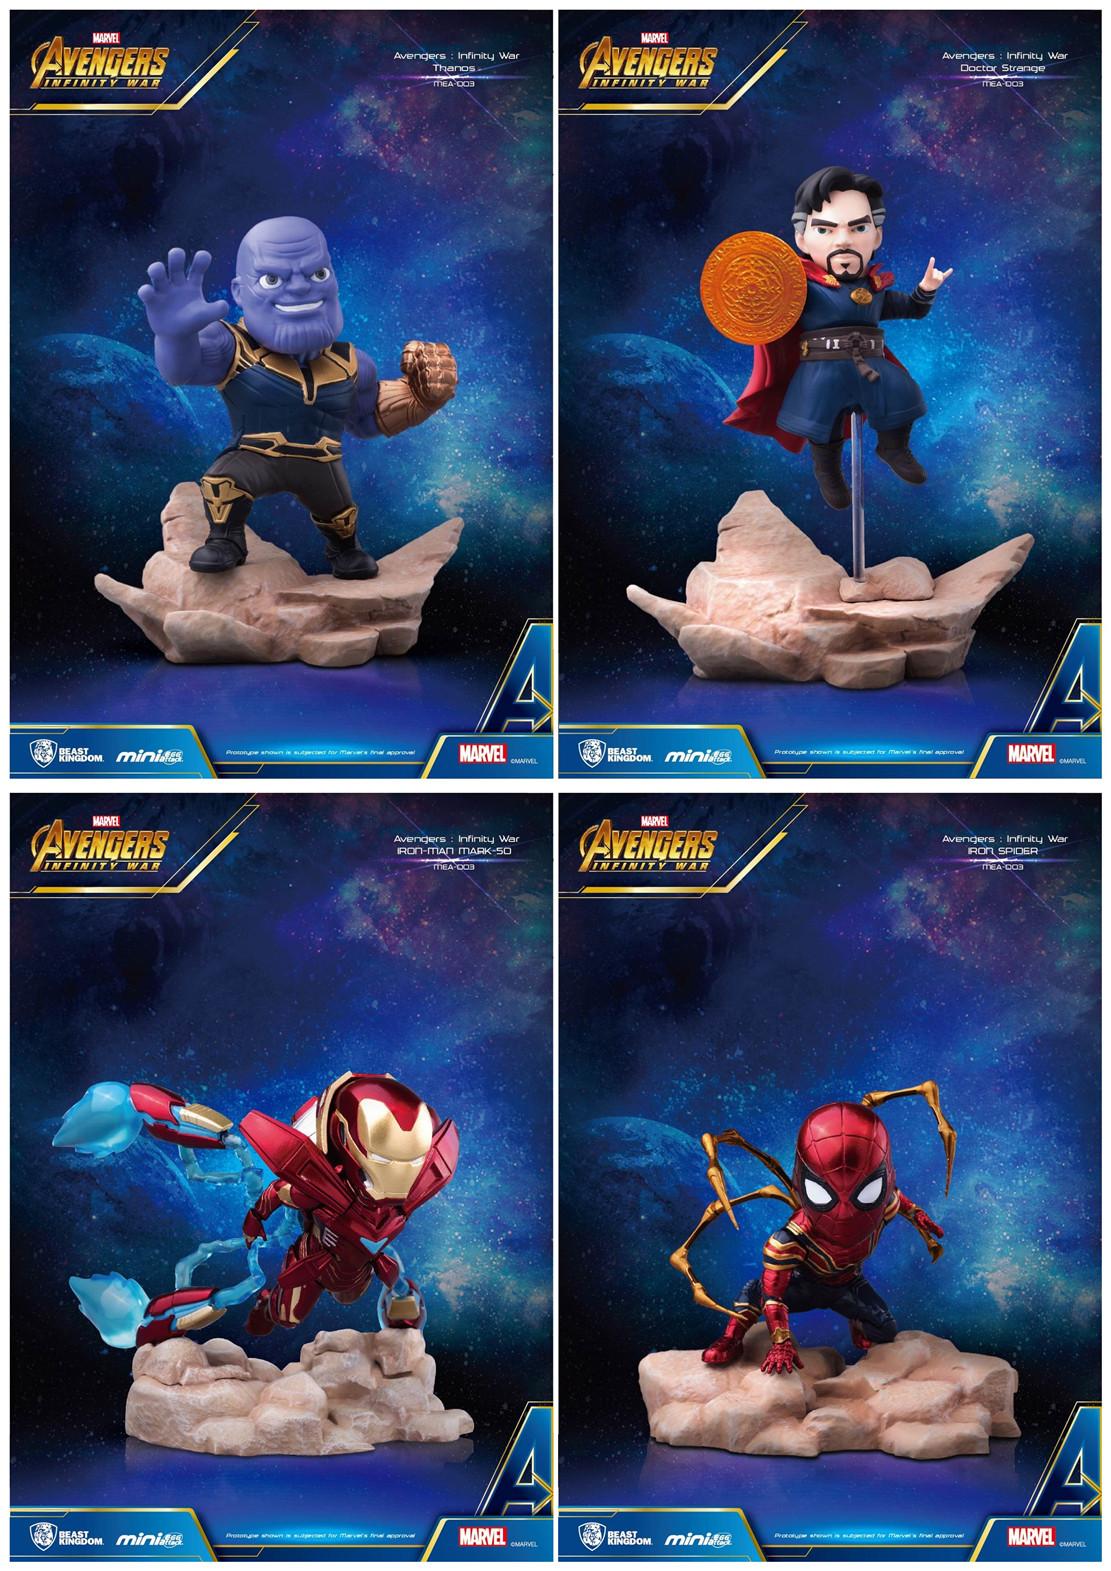 现货 野兽国《复联3-无限战争》奇异博士 灭霸 钢铁侠MK50 蜘蛛侠